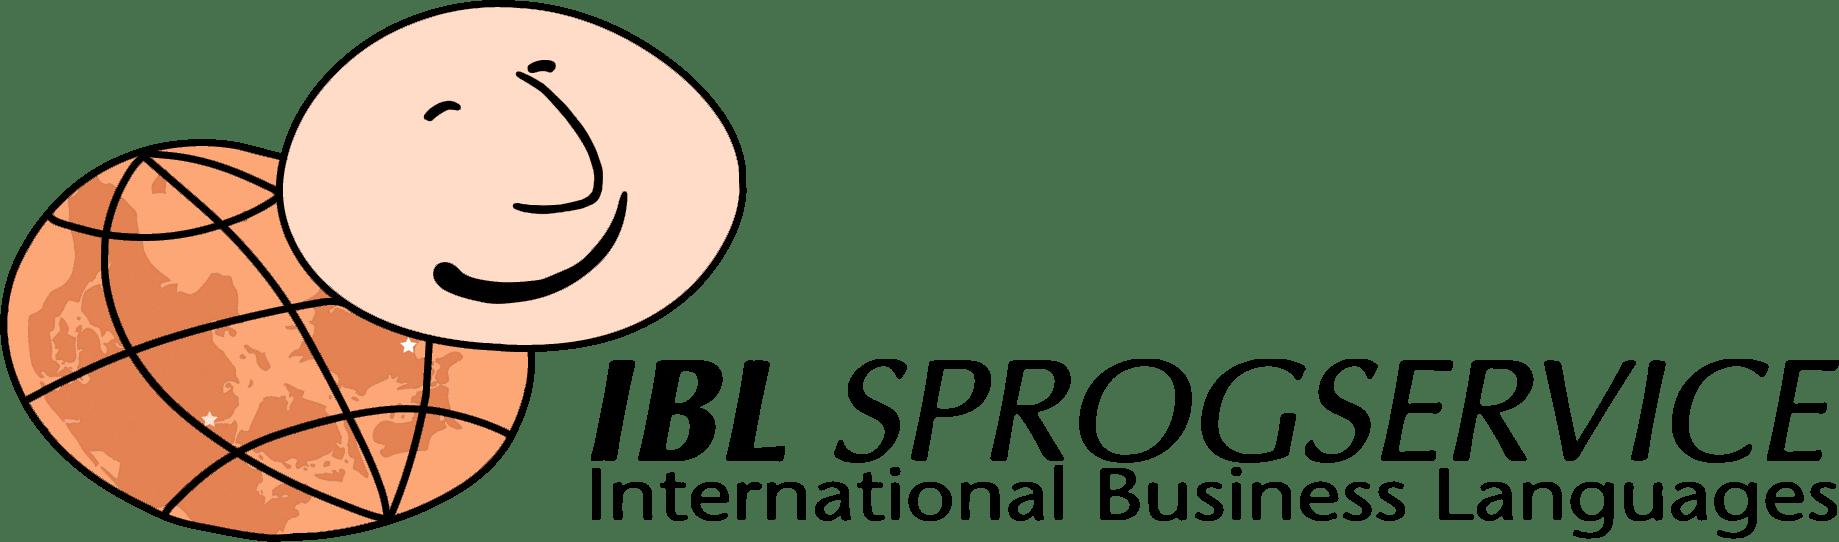 IBL Sprogservice